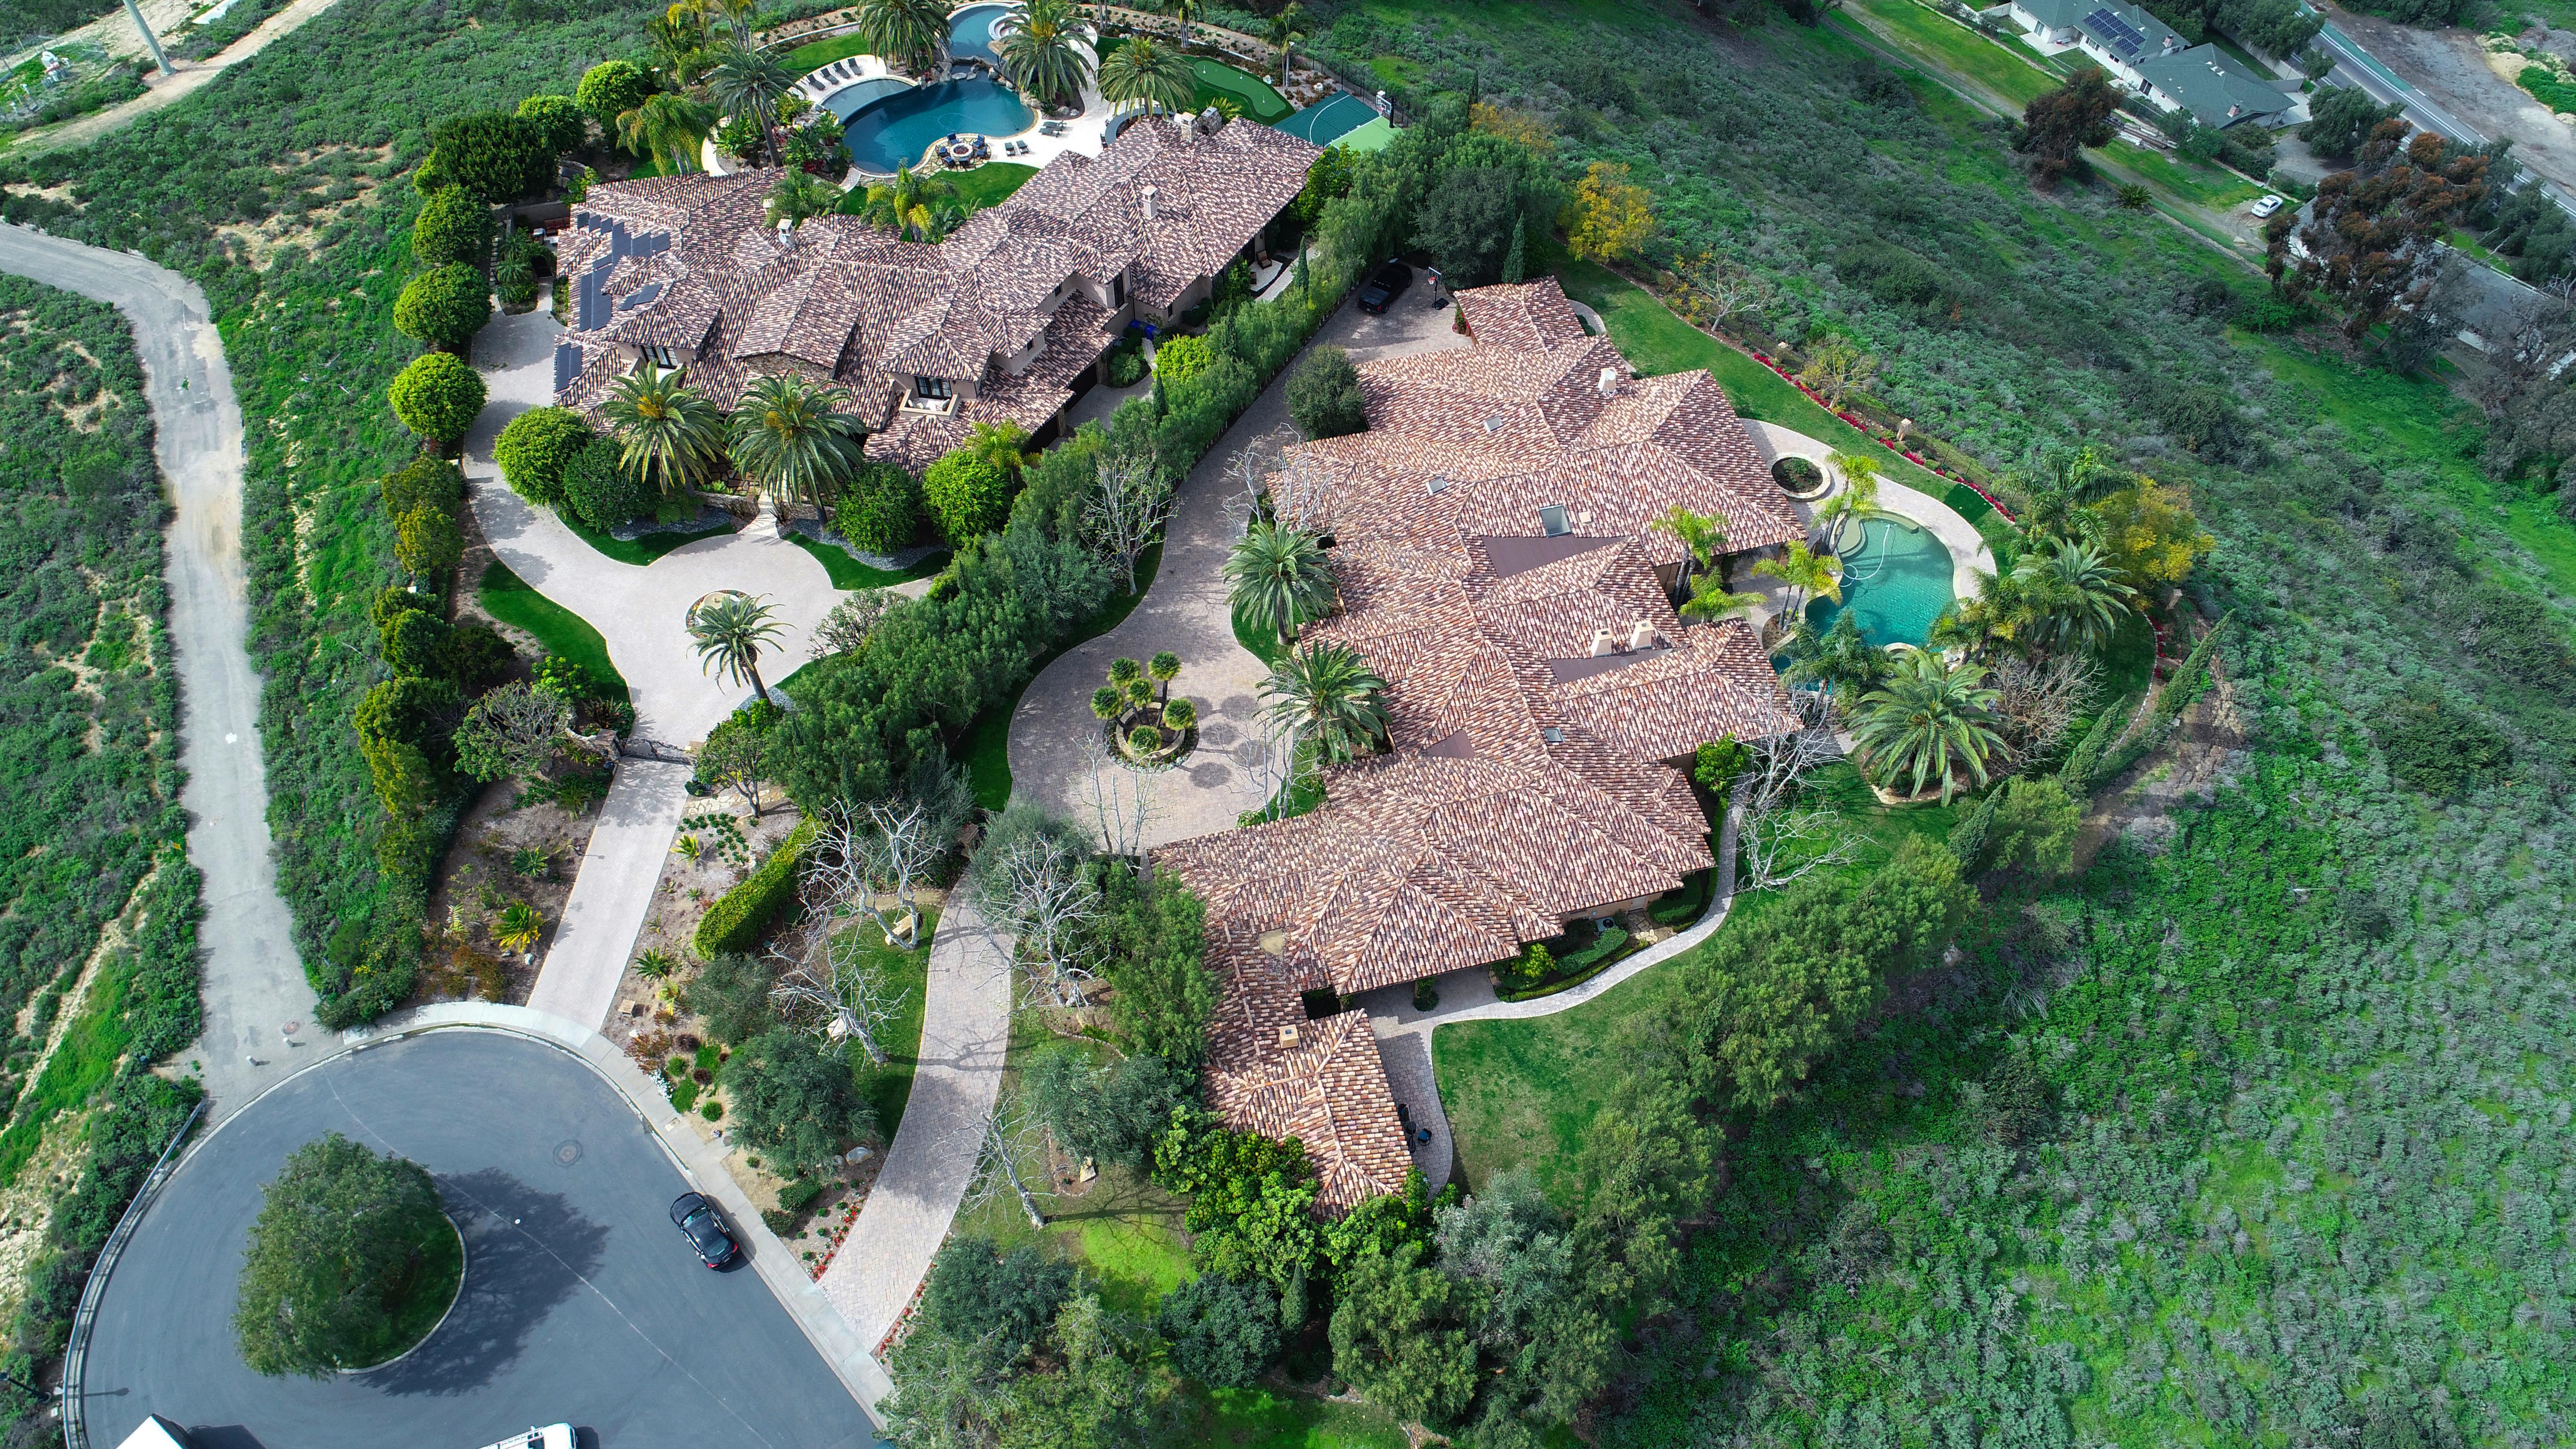 4130-rancho-las-brisas-aerial-large-6